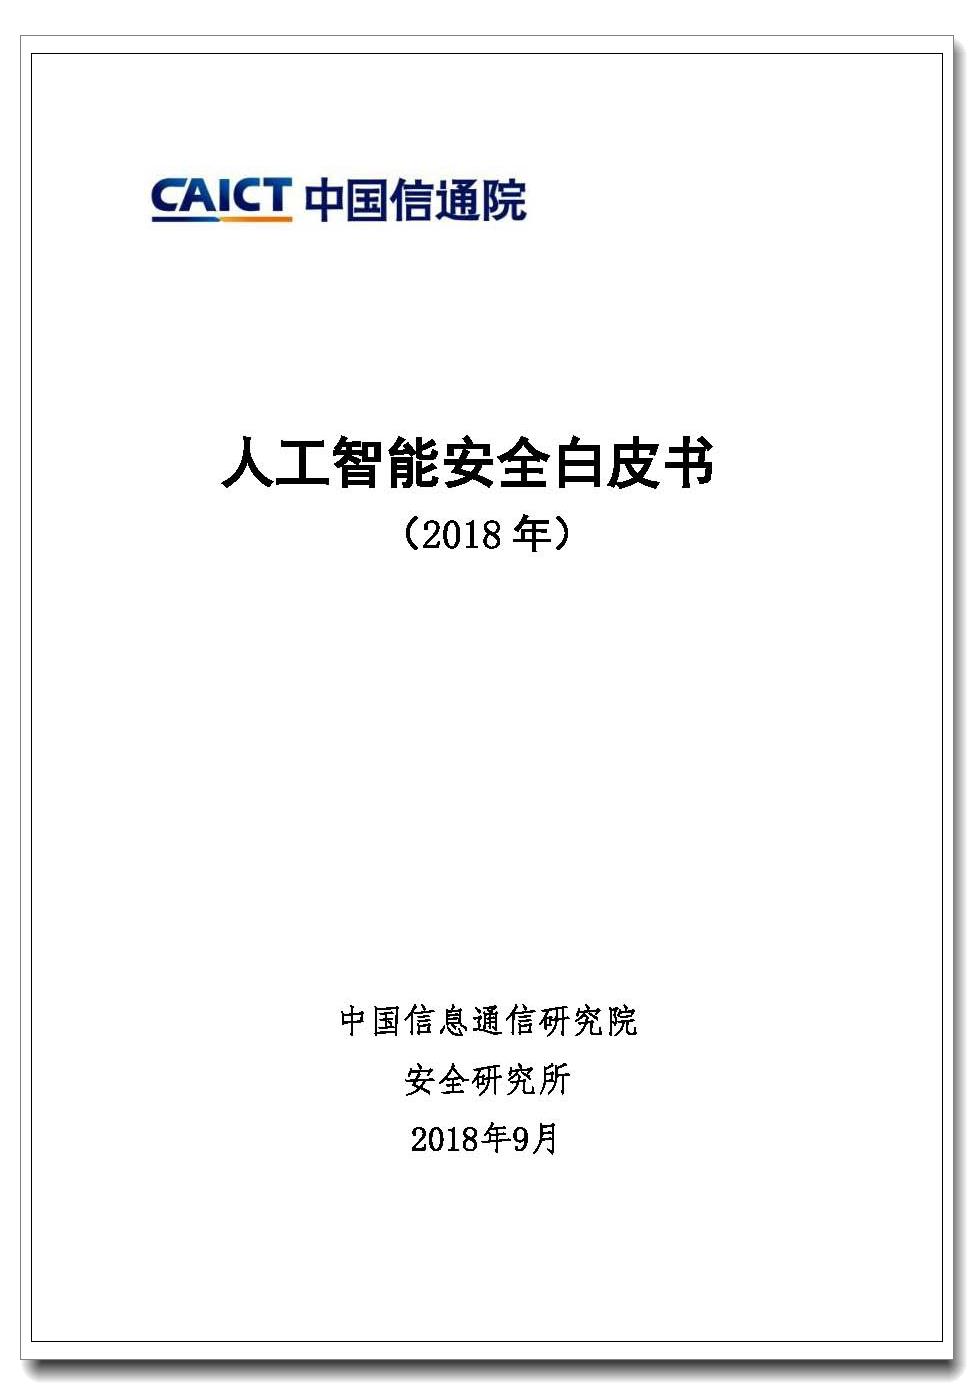 页面提取自- 人工智能安全白皮书0918.jpg